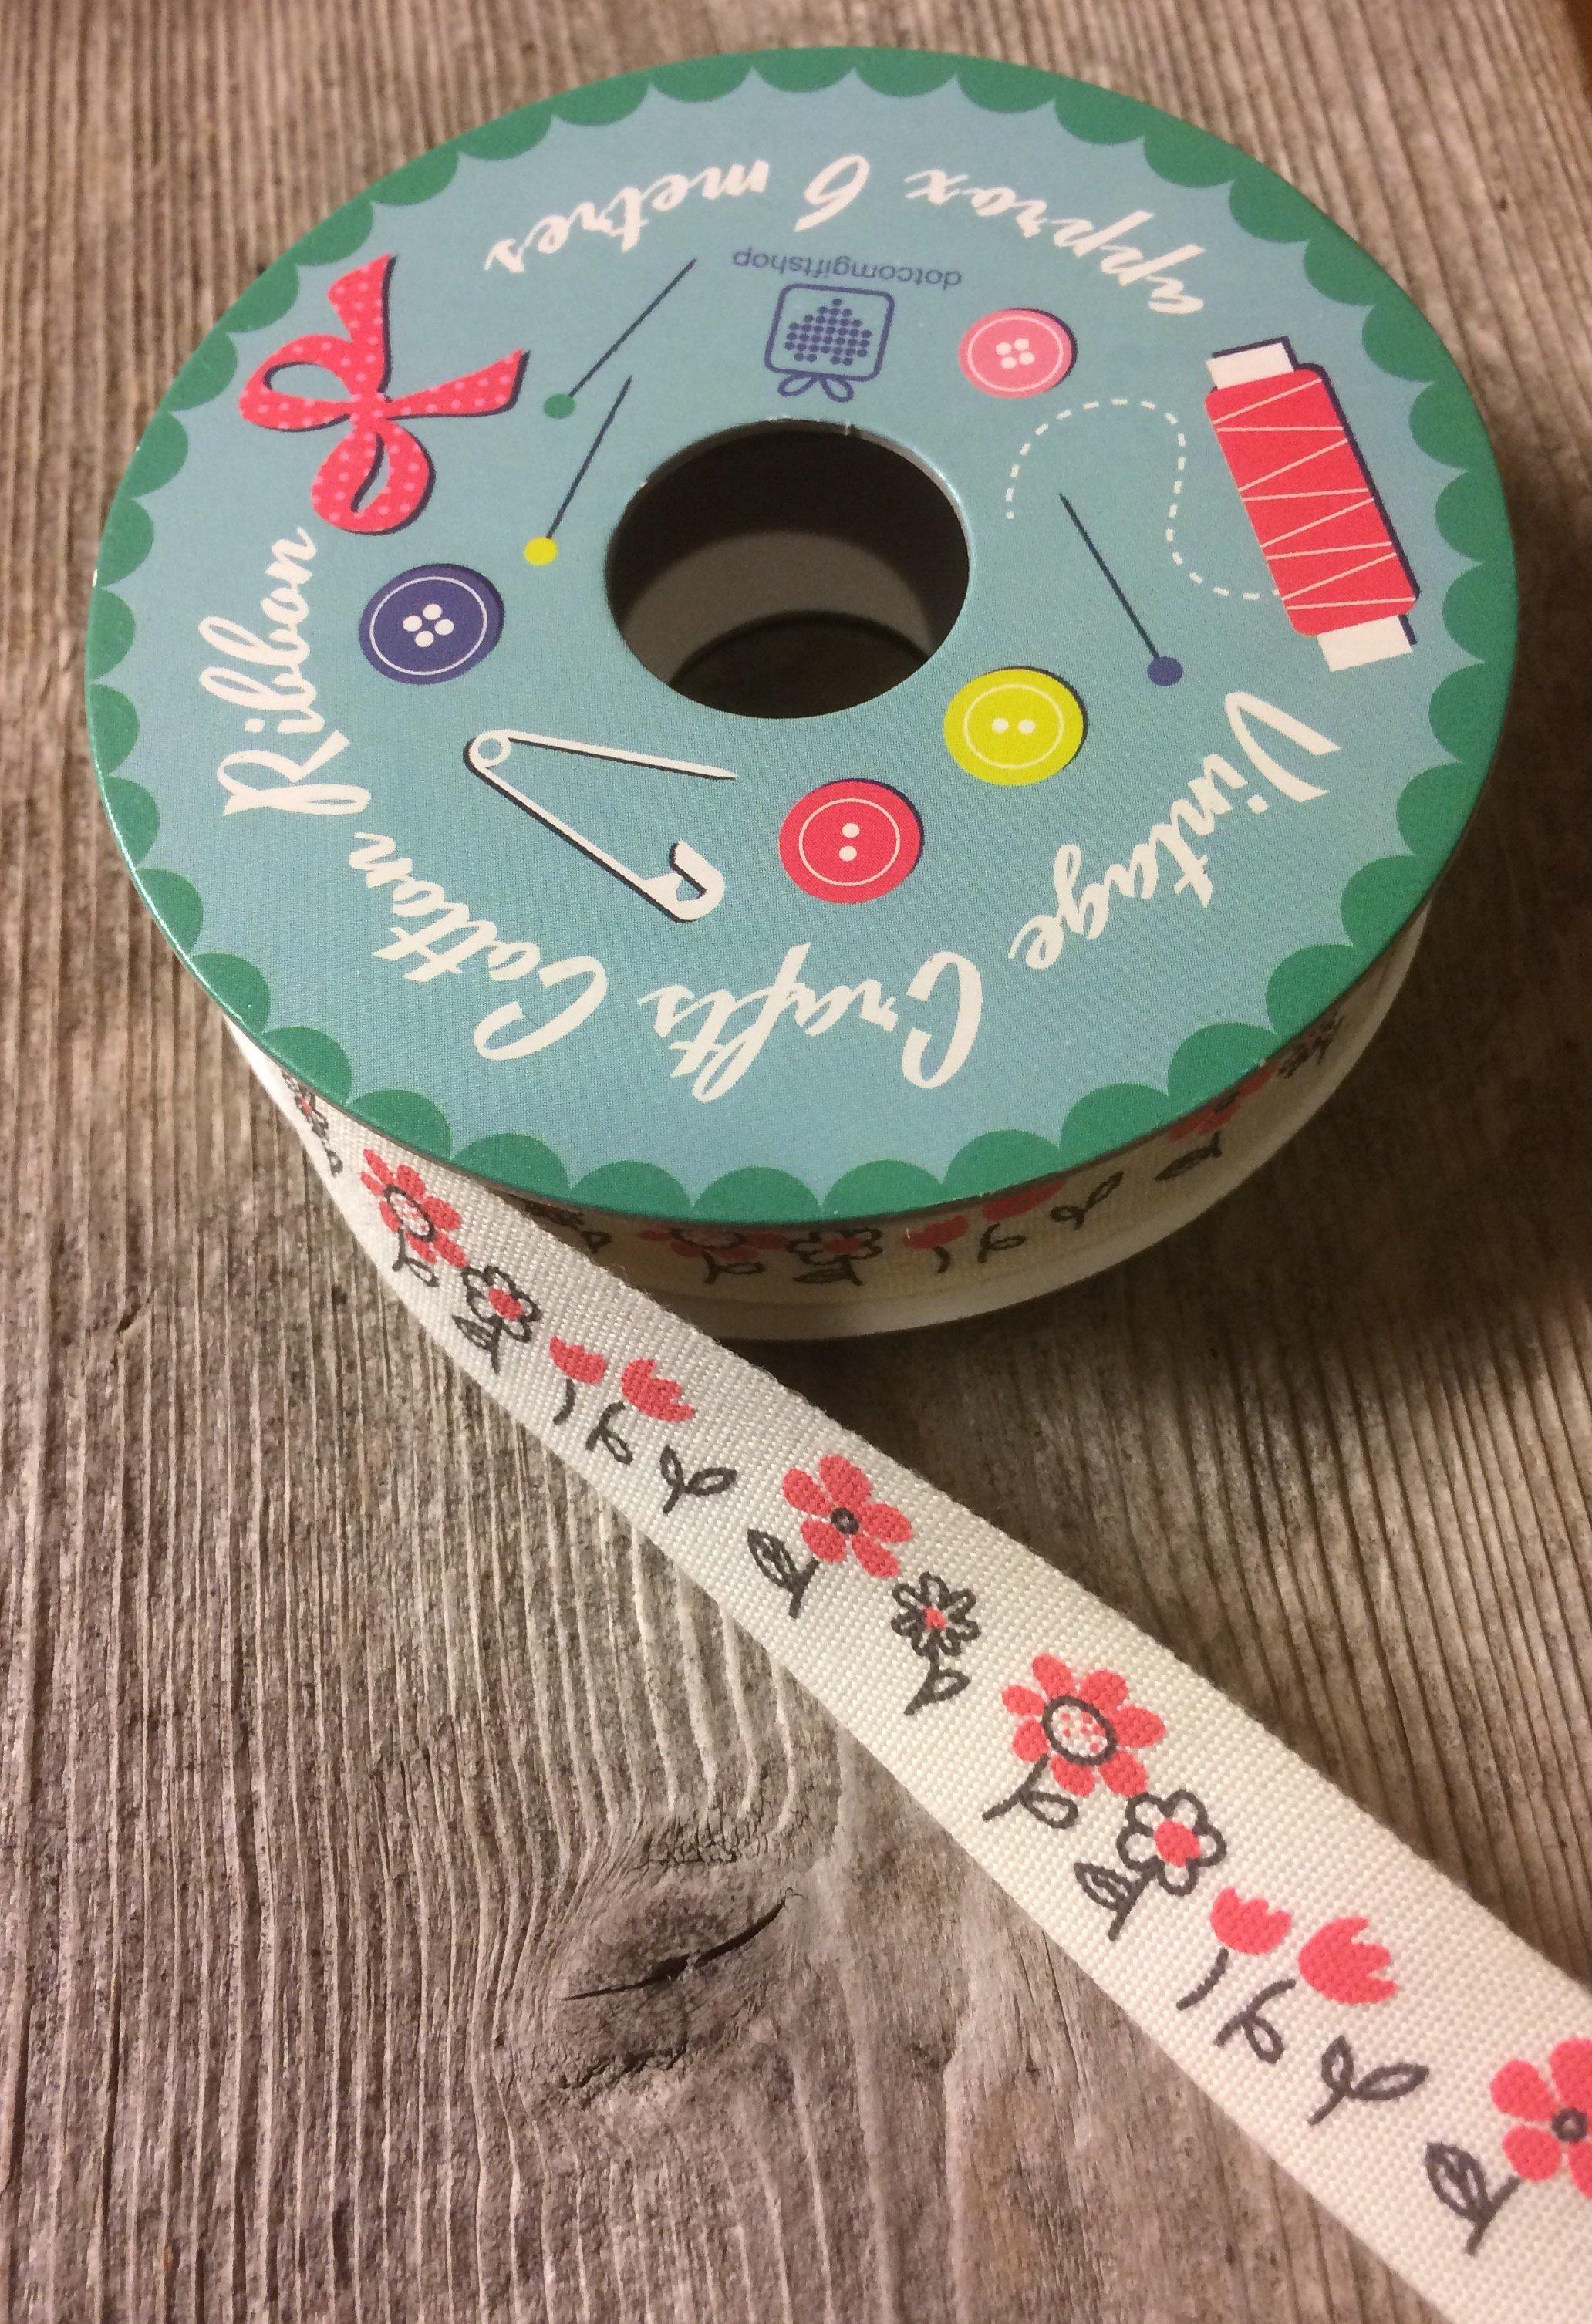 Bomullsband 6 m - Blommor